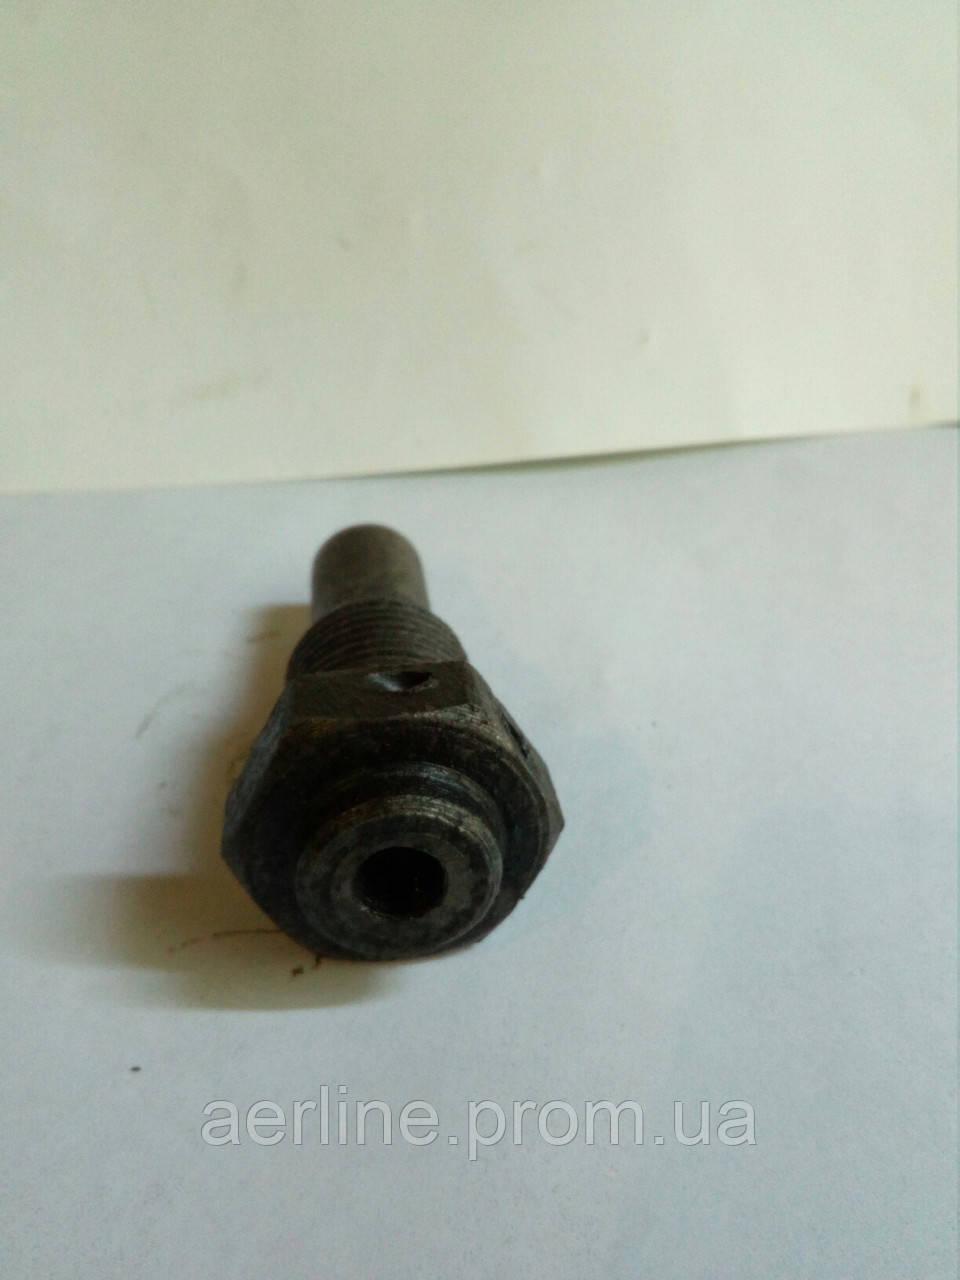 Палец (с отверстием) 18-14-128 Т-130, Т-170, Б10М